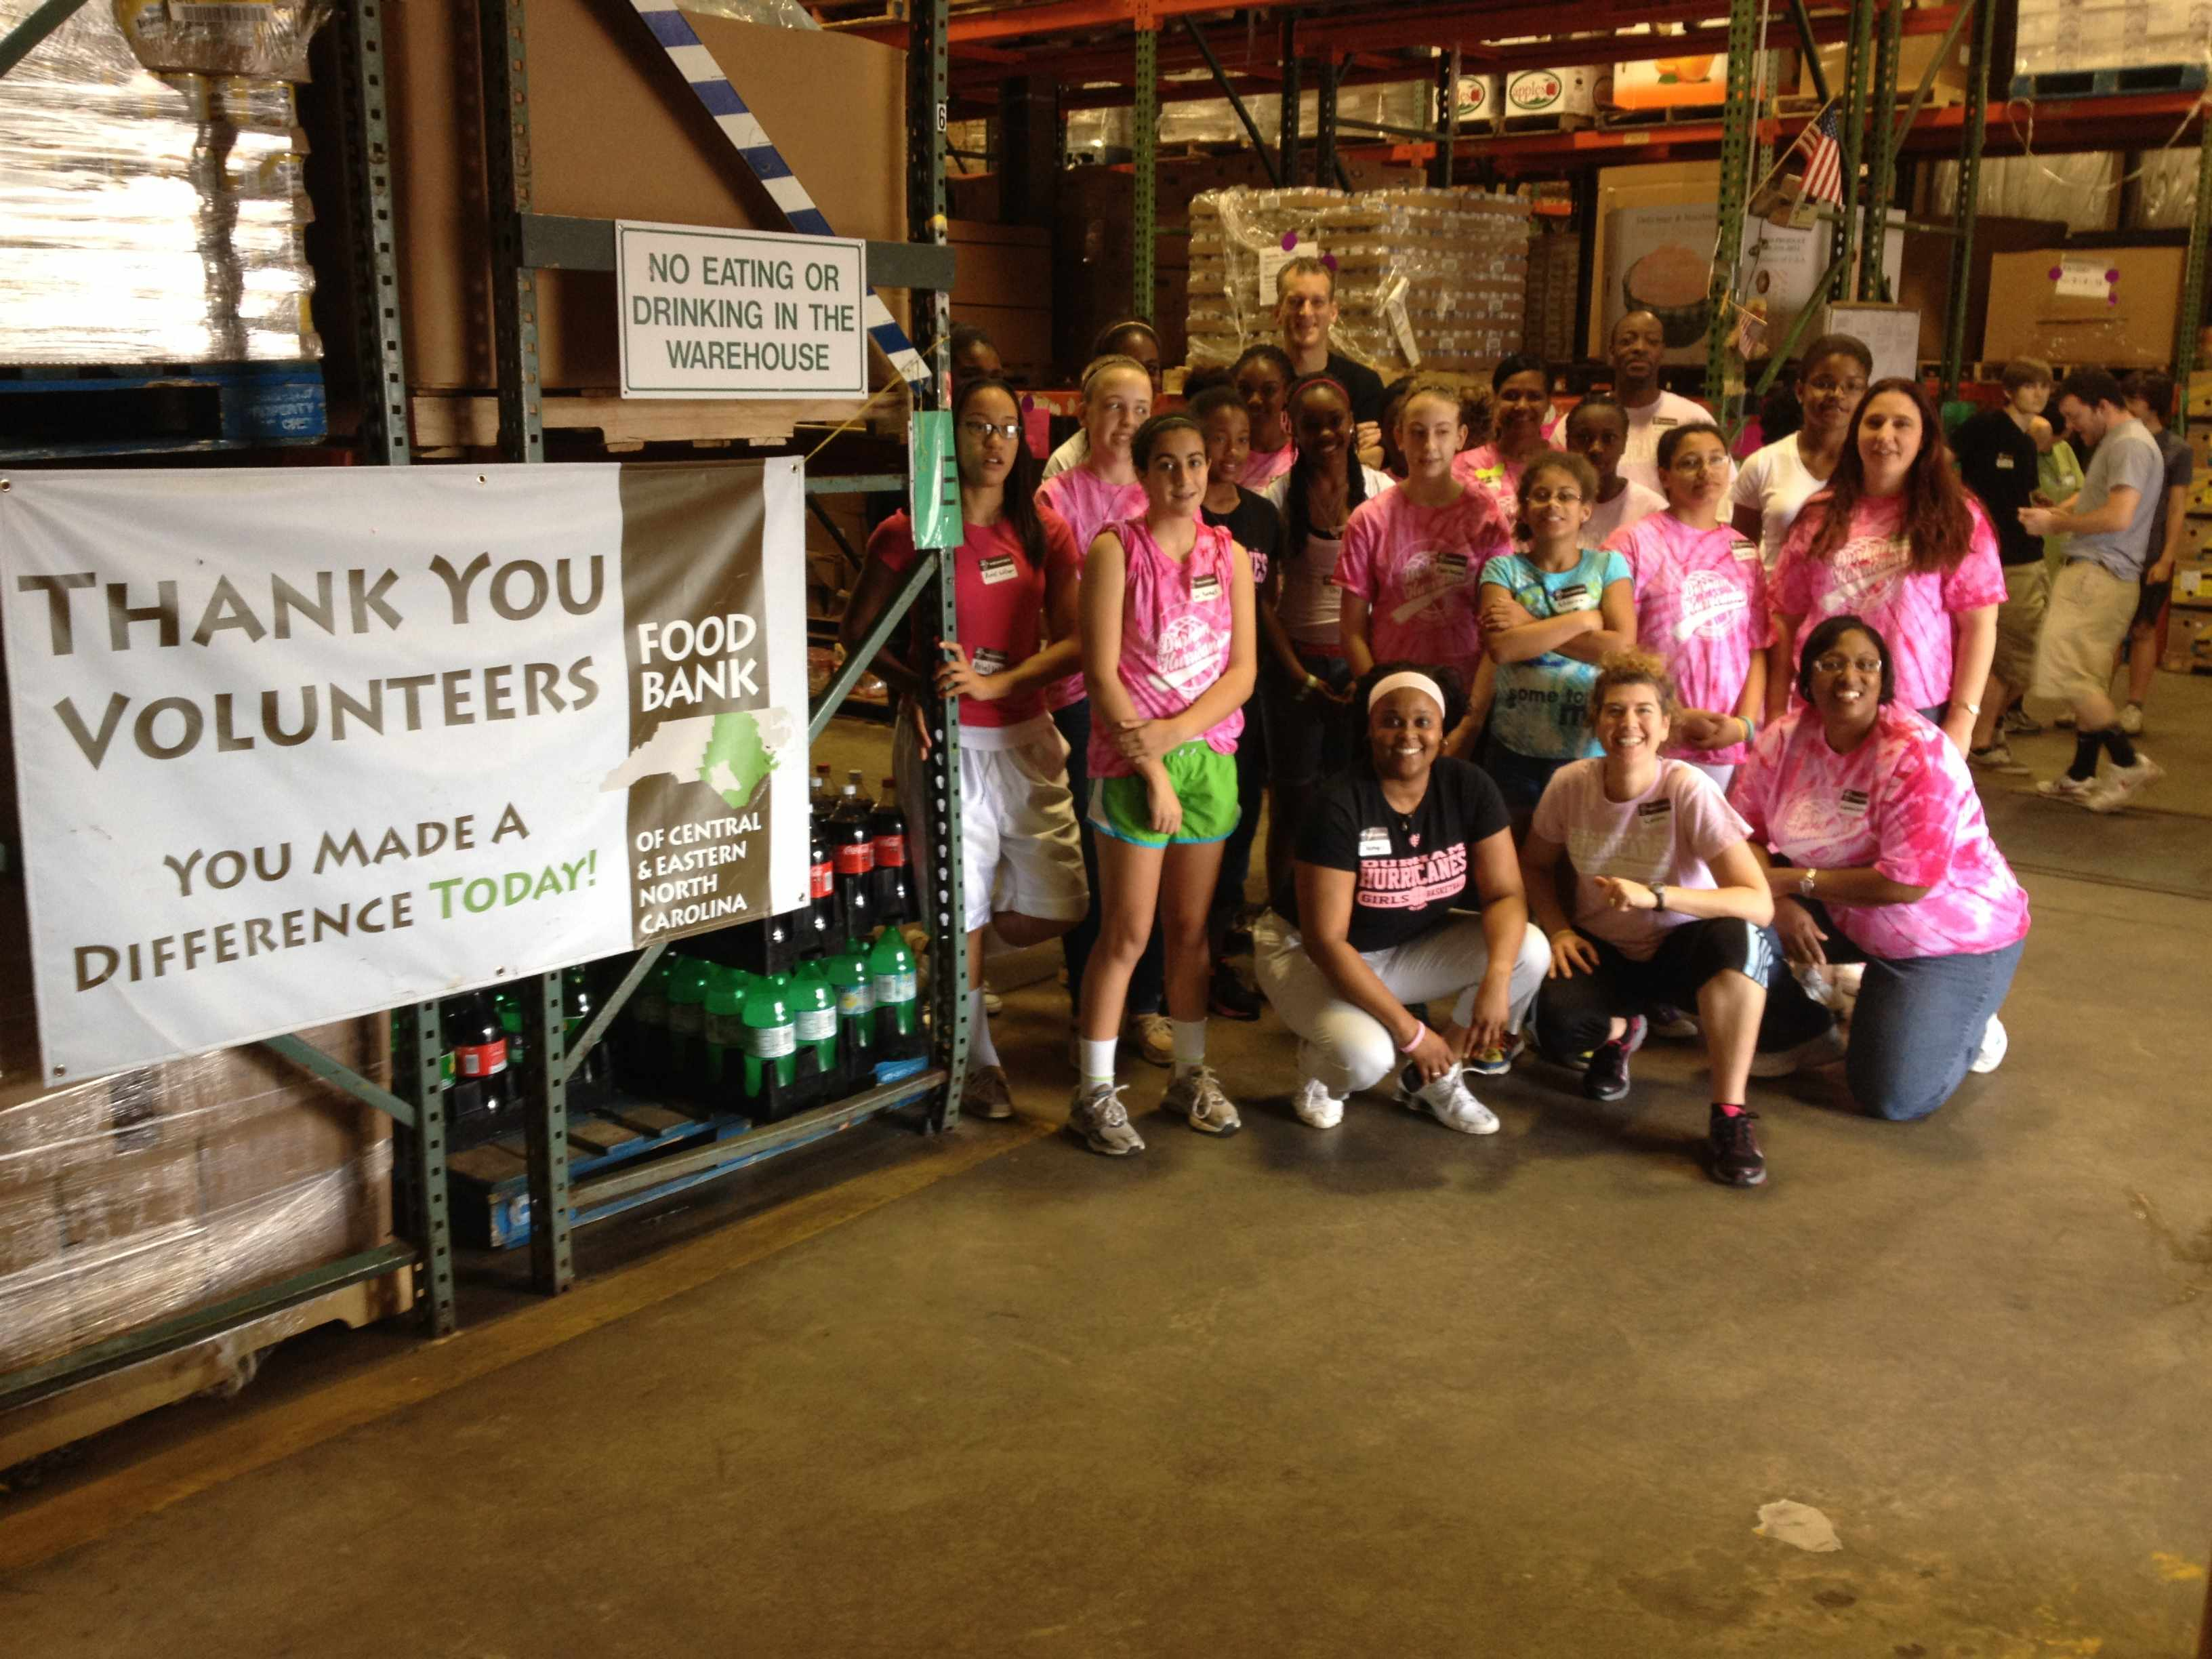 DH group pic at food bank